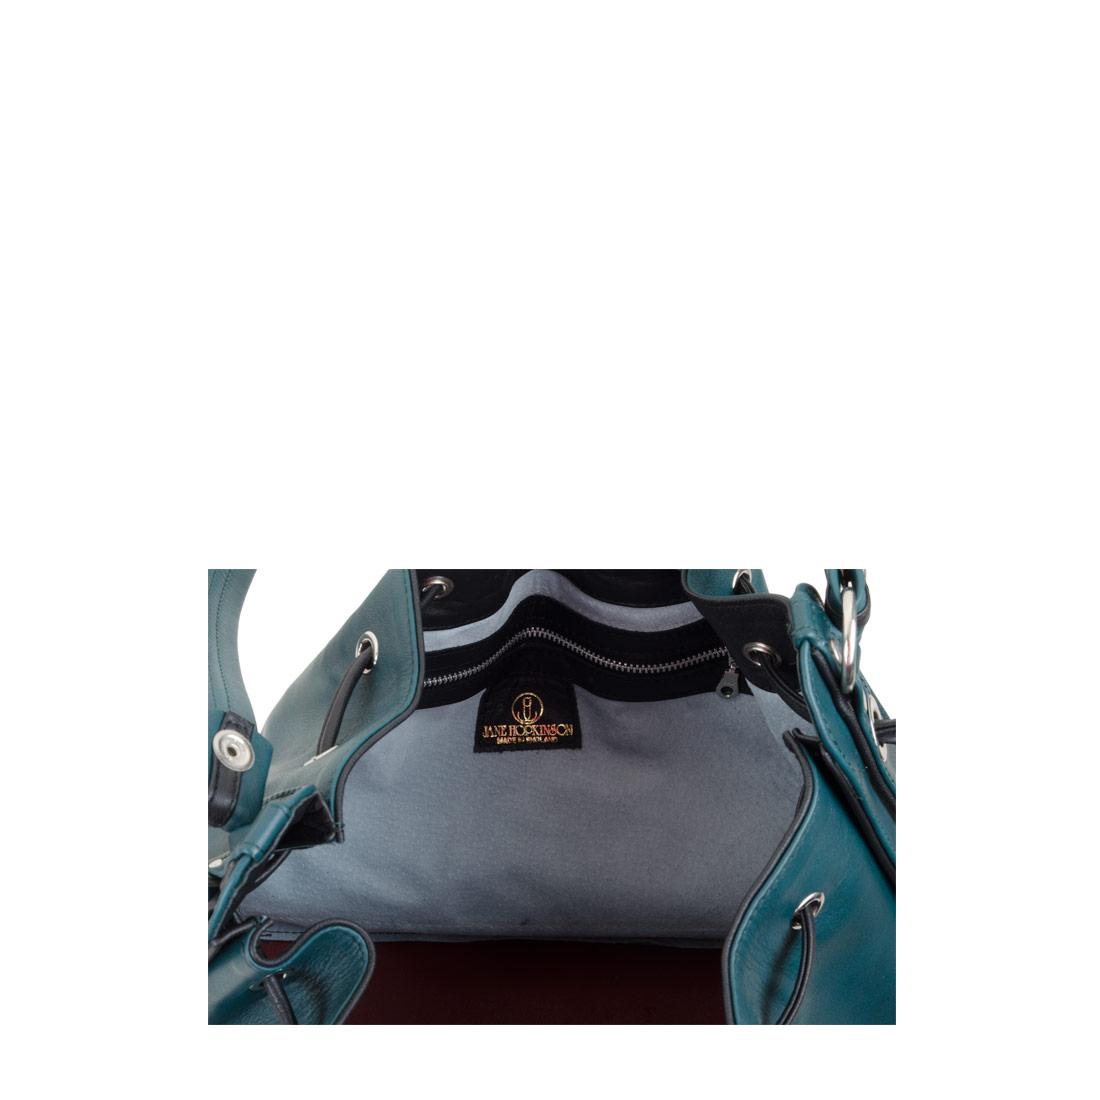 Daisy Teal Black Leather Shoulder Bag